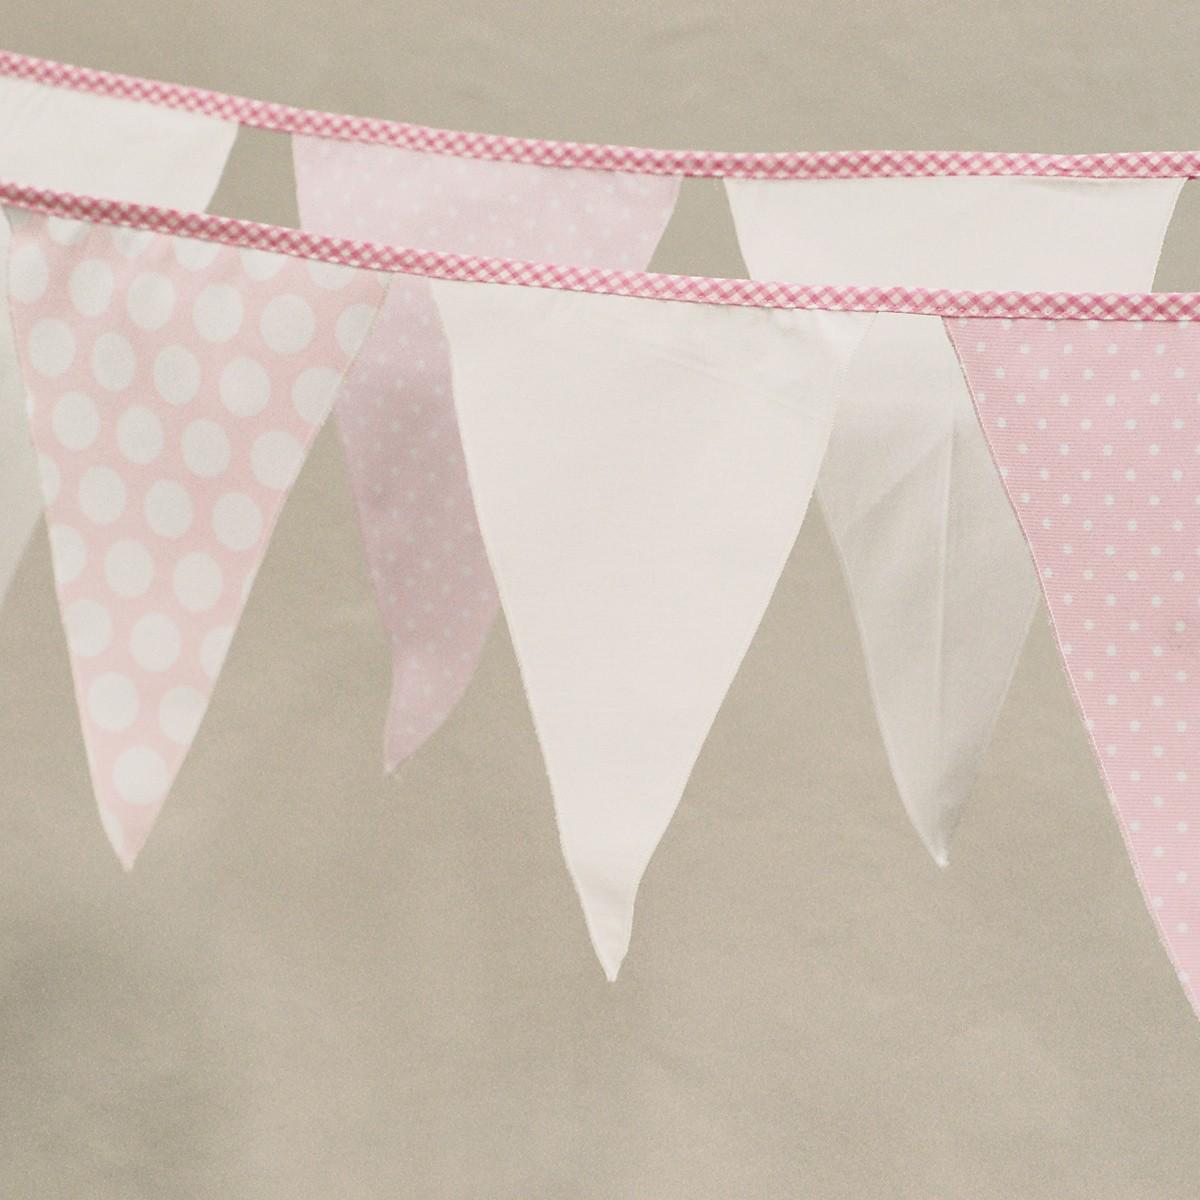 Διακοσμητικά Σημαιάκια Ninna Nanna Ροζ Πουά home   βρεφικά   βρεφική διακόσμηση